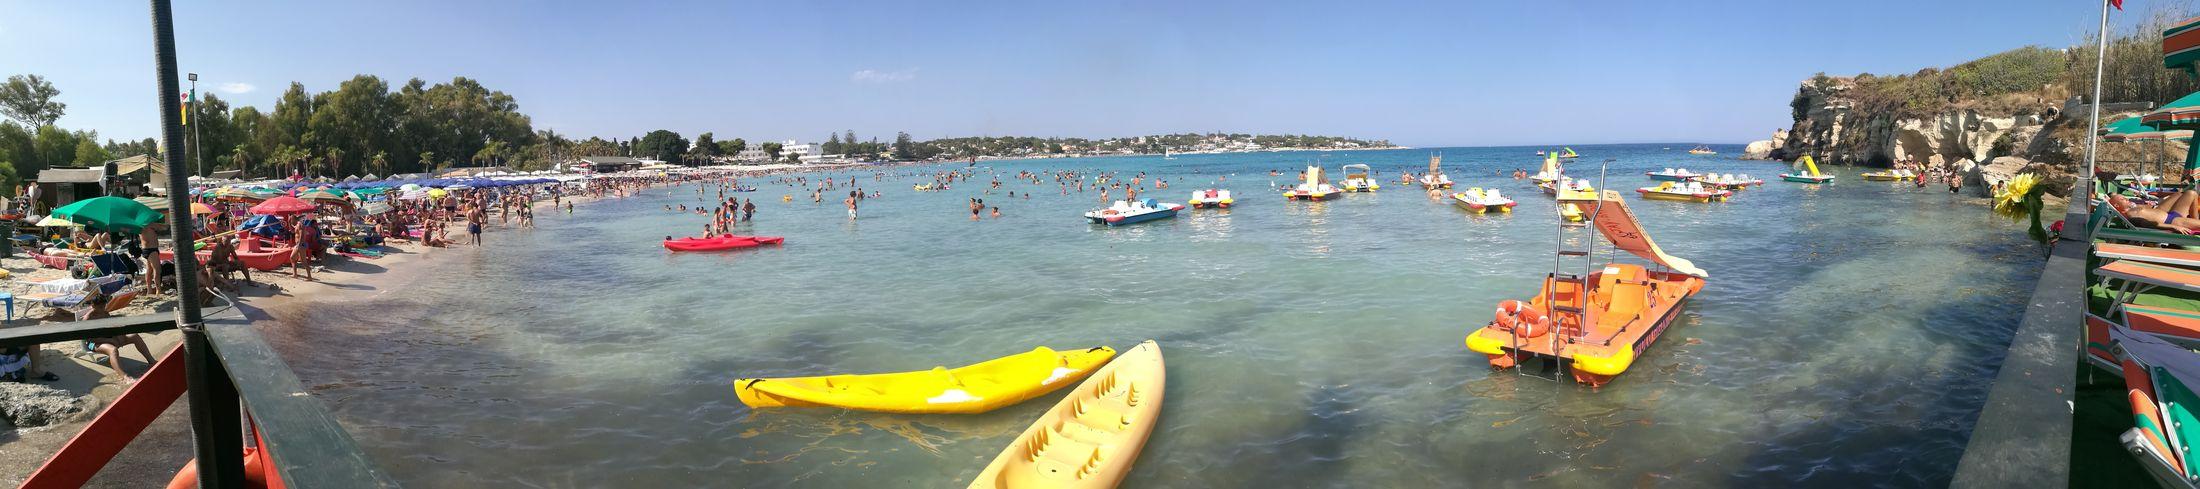 Relaxing Summer Fontane Bianche